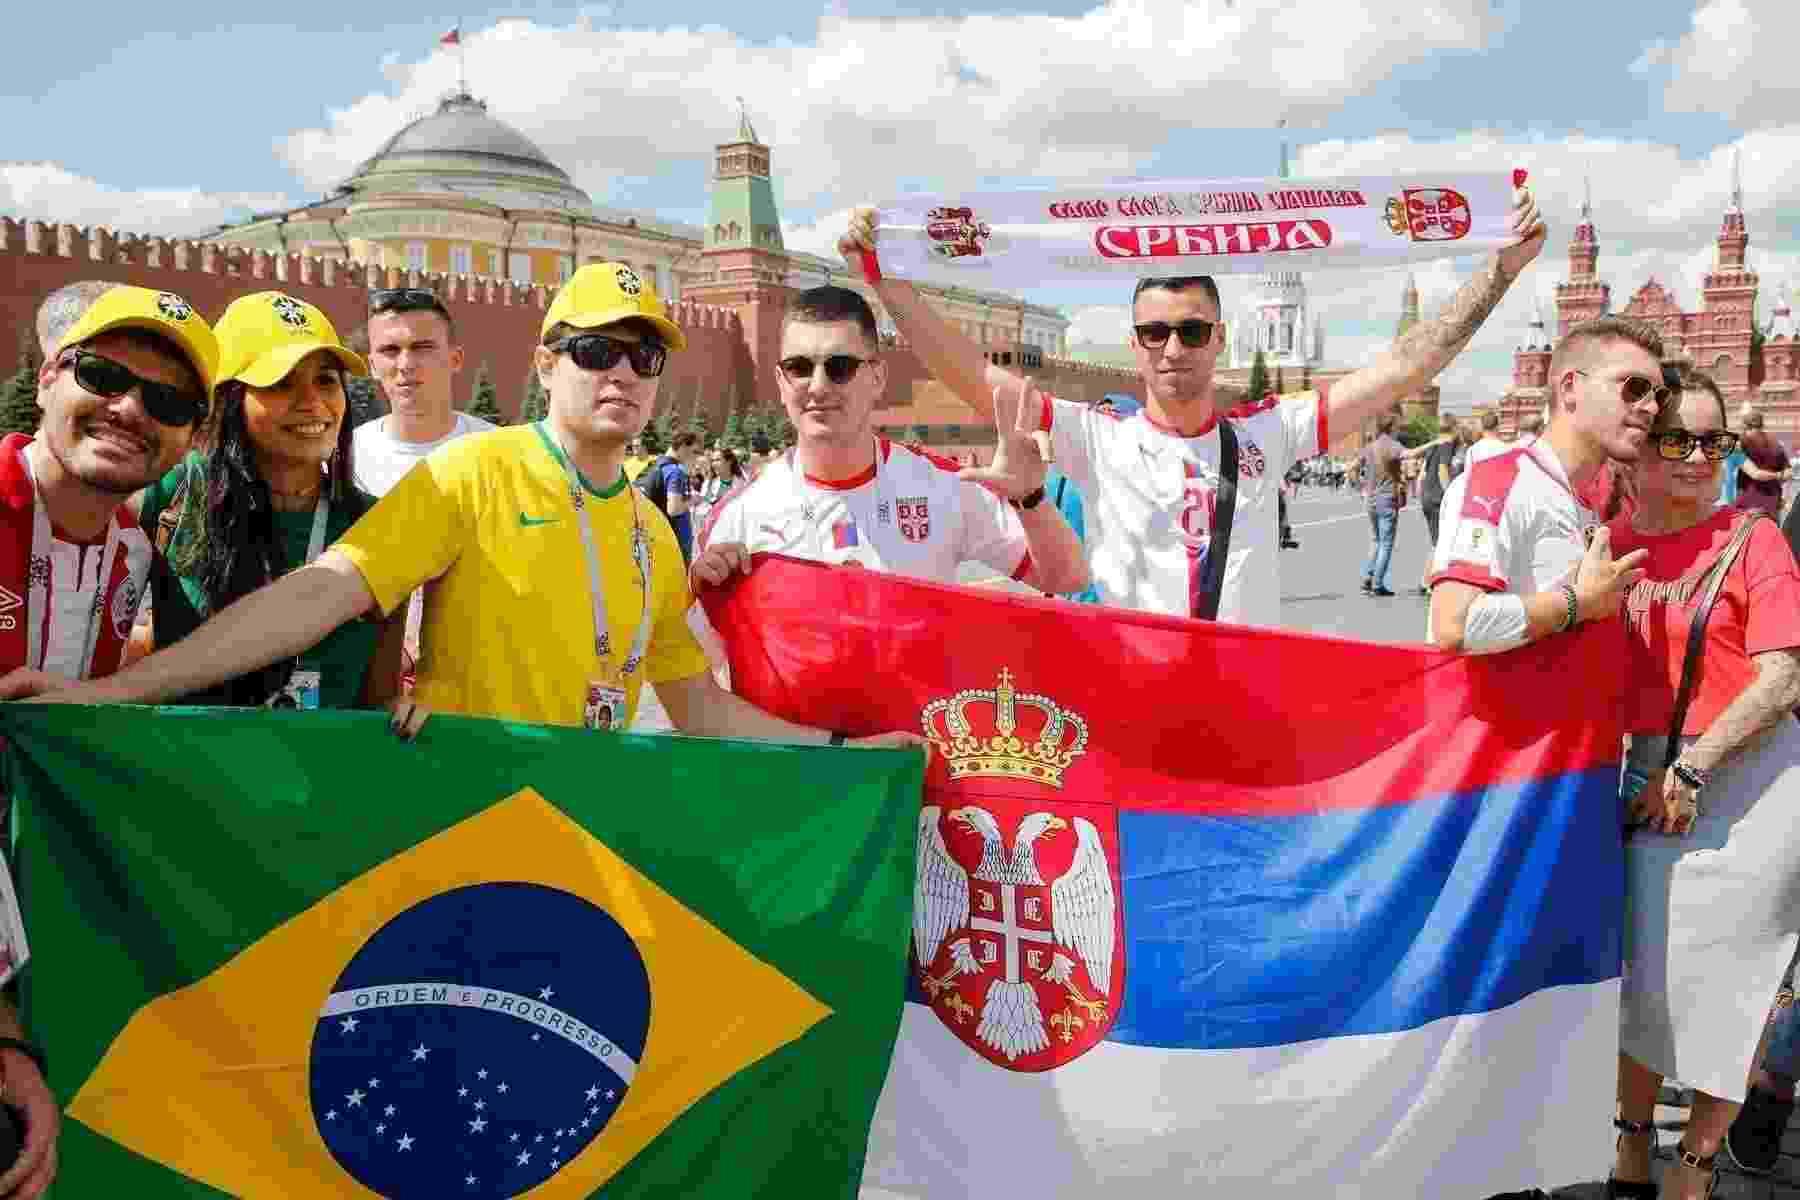 Torcedores brasileiros e sérvios se encontram nos arredores do estádio - AFP PHOTO / Maxim ZMEYEV